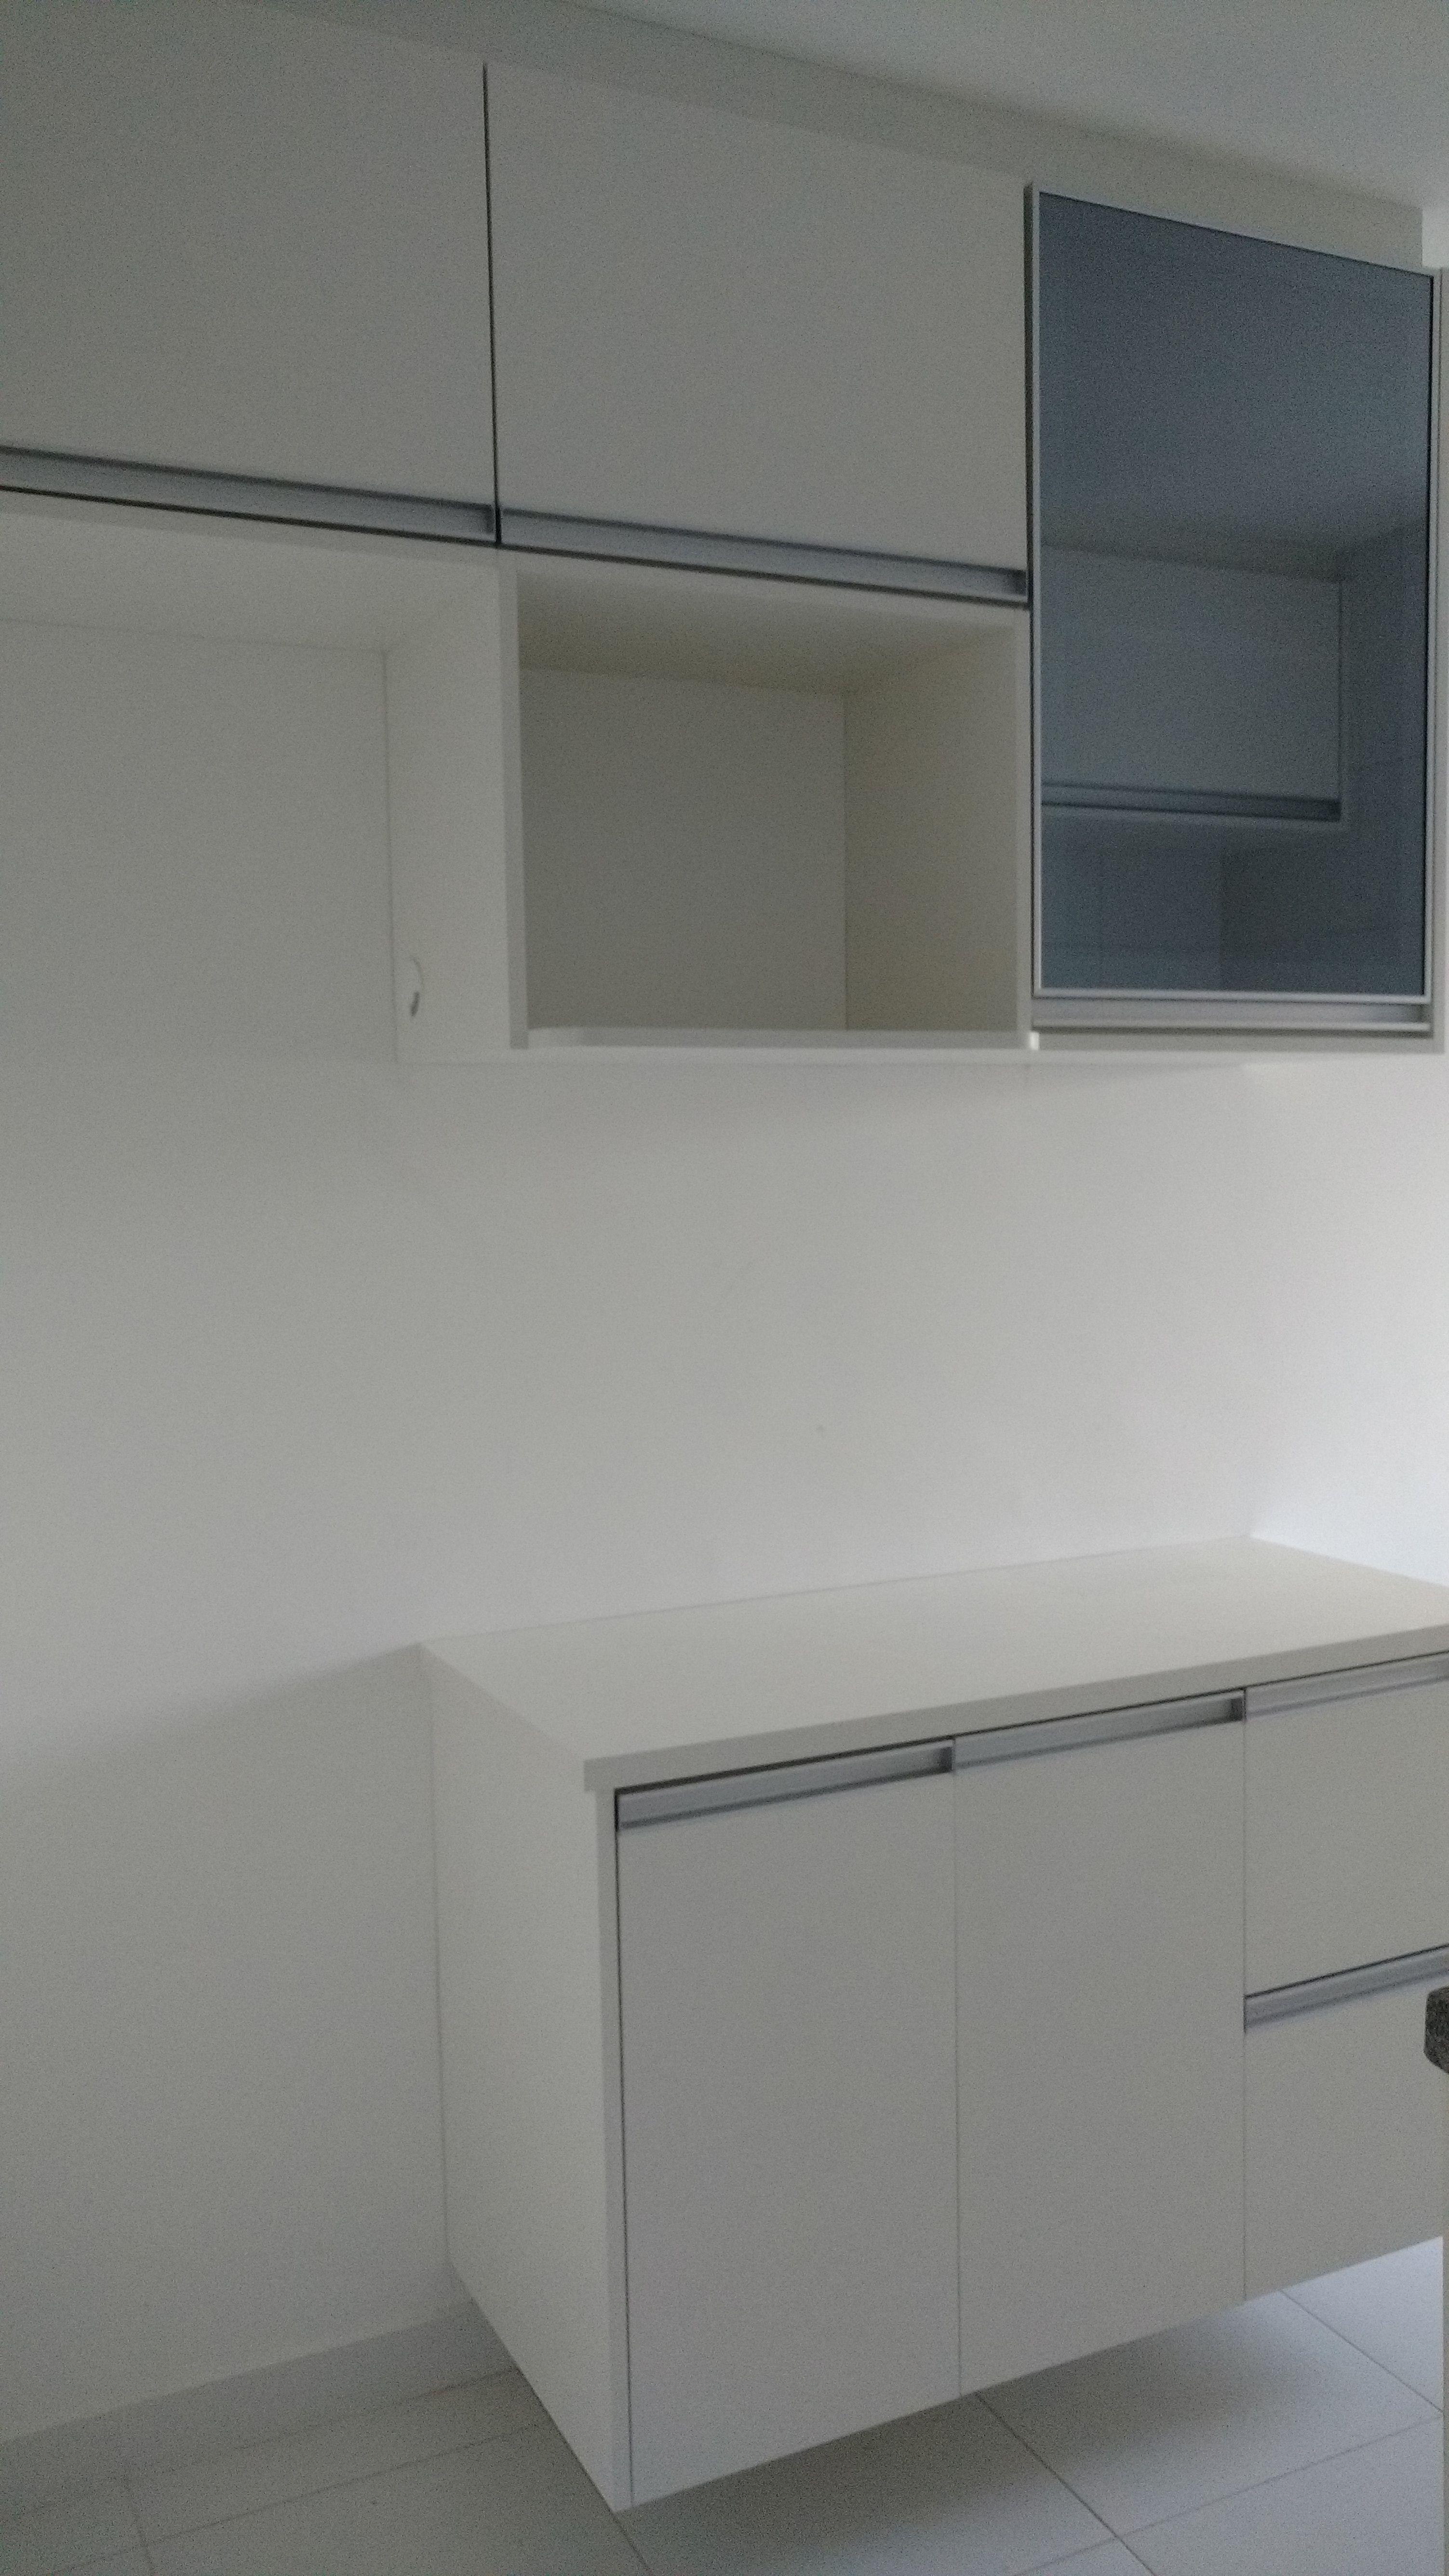 Cozinha Branco Tx Puxadores Perfil Aluminio Porta Vidro Reflecta